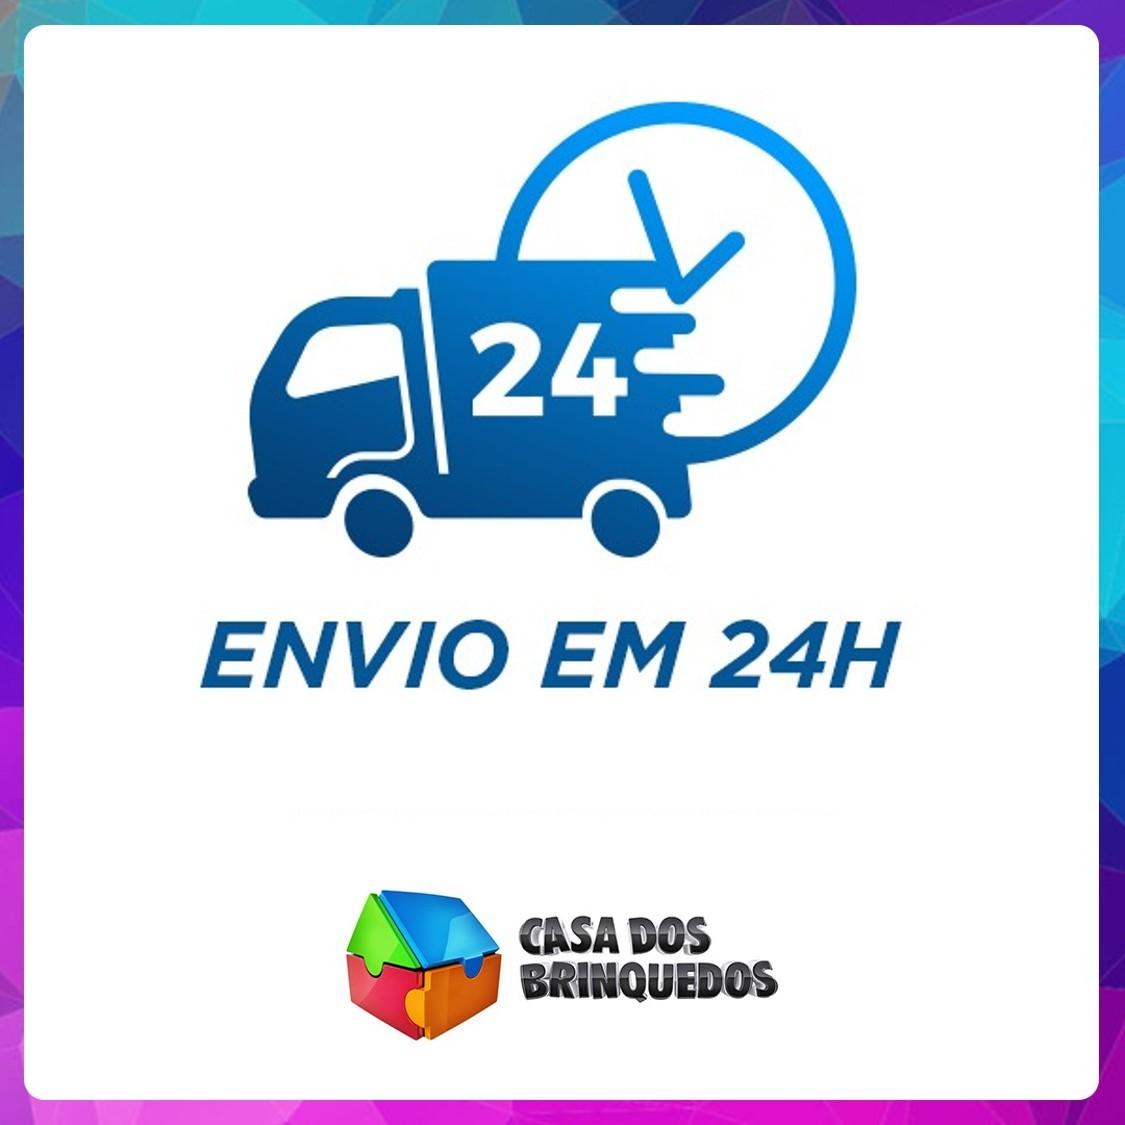 GELADEIRA LE CHEF SOM LUZ FRENTE AZUL 410 USUAL BRINQUEDOS